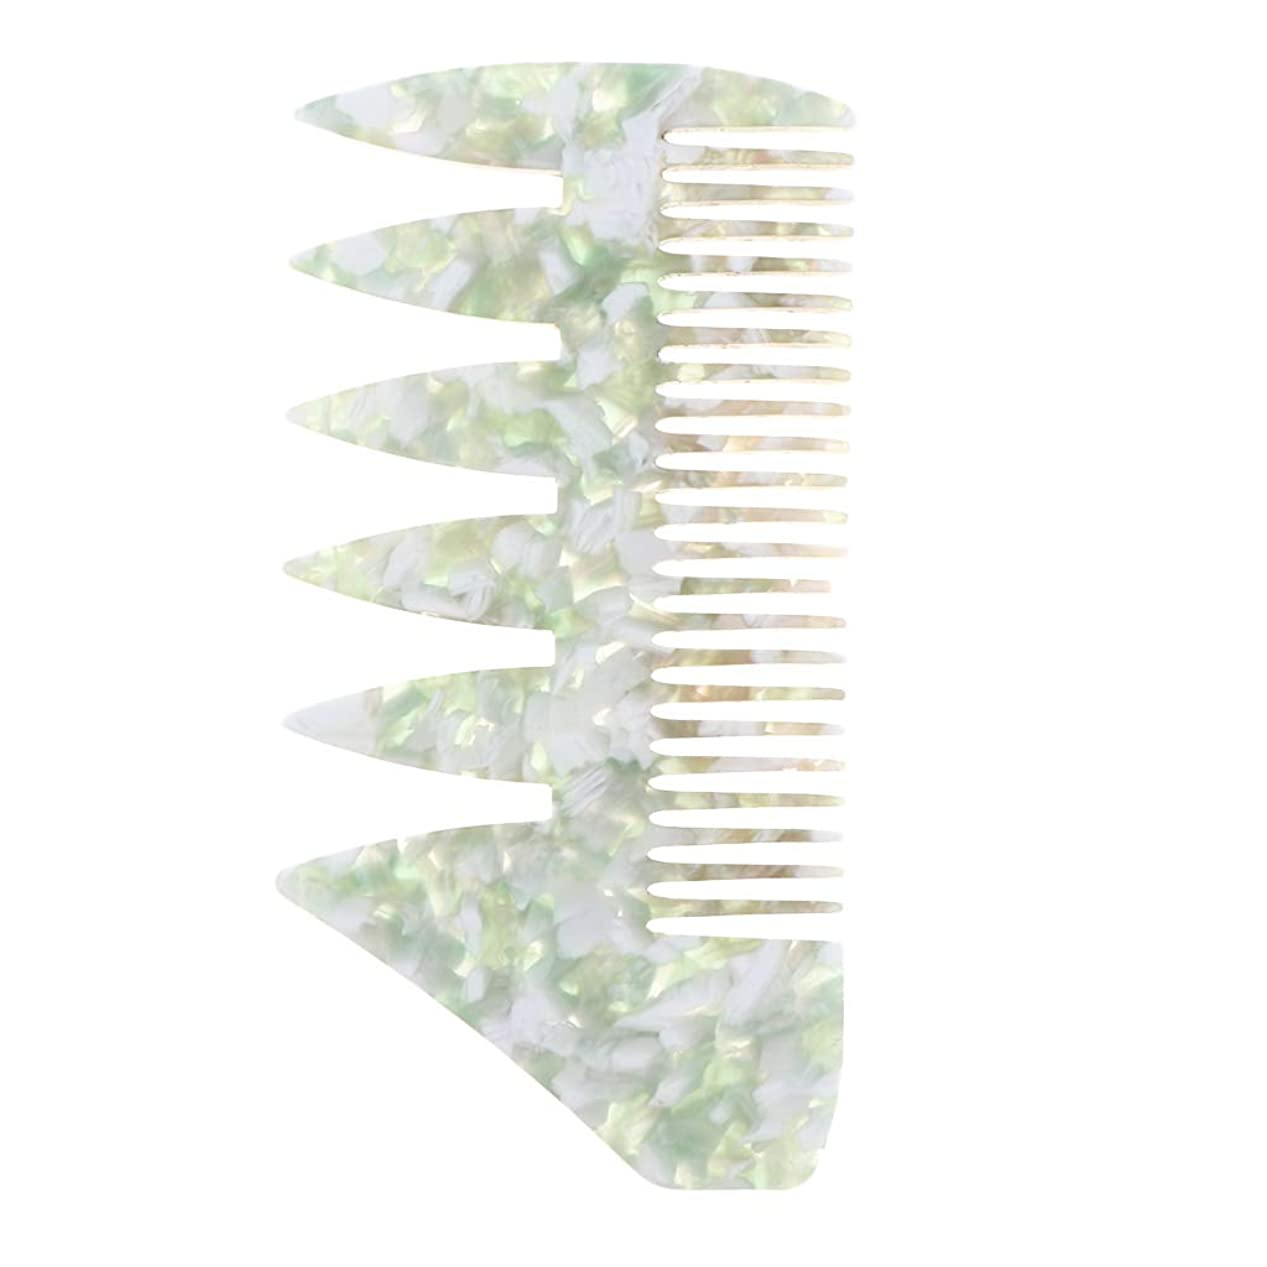 ピークうねる歯痛F Fityle ヘアコーム ヘアスタイリング櫛 男性 ヘアスタイリングコーム 全4色 - 緑